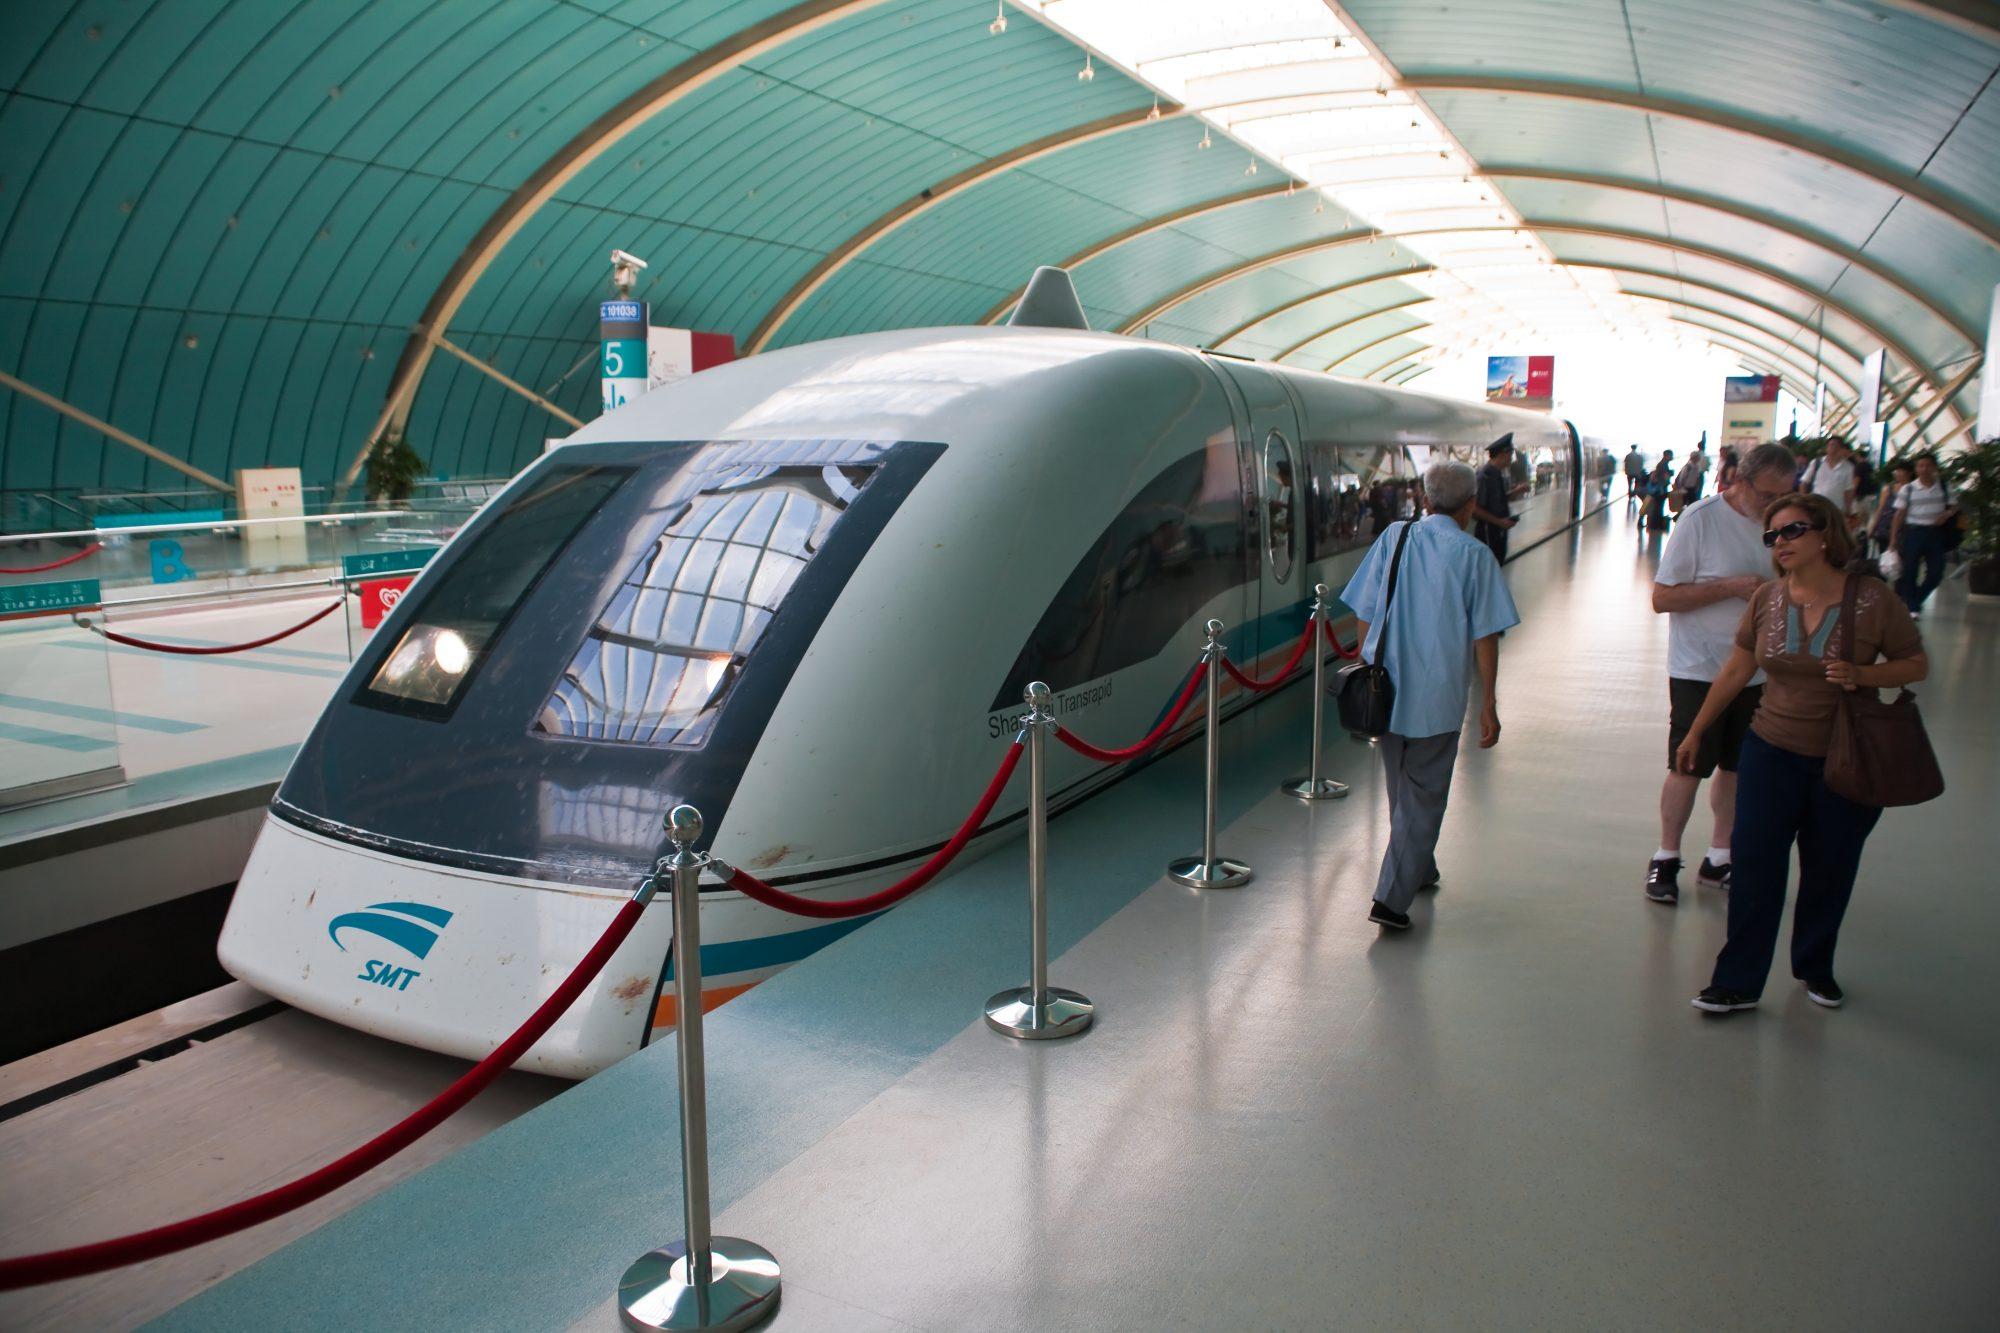 маглев поезд на магнитной подушке Шанхай